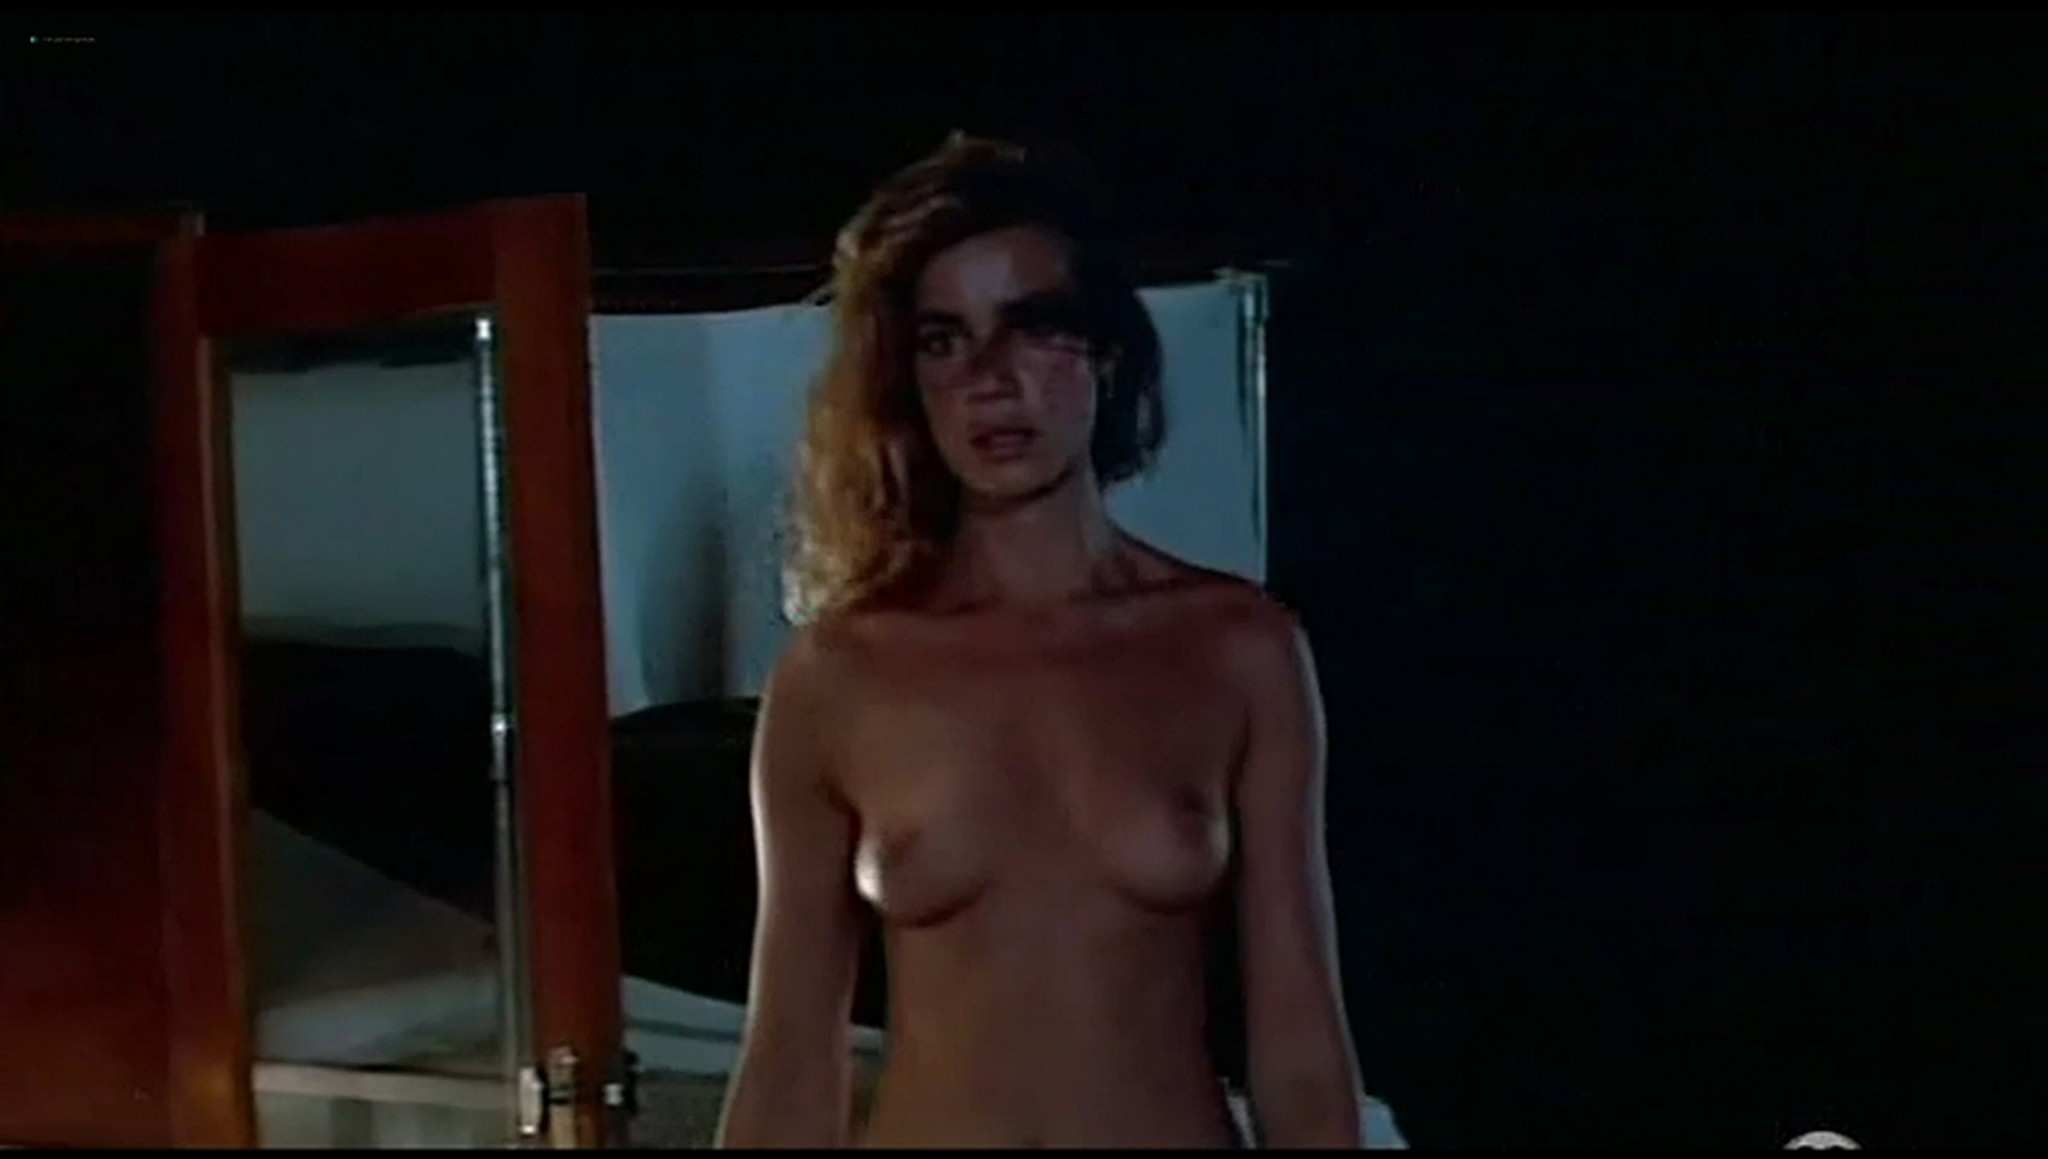 Valerie Kaprisky nude full frontal Caroline Cellier and others nude L annee des meduses 1984 21